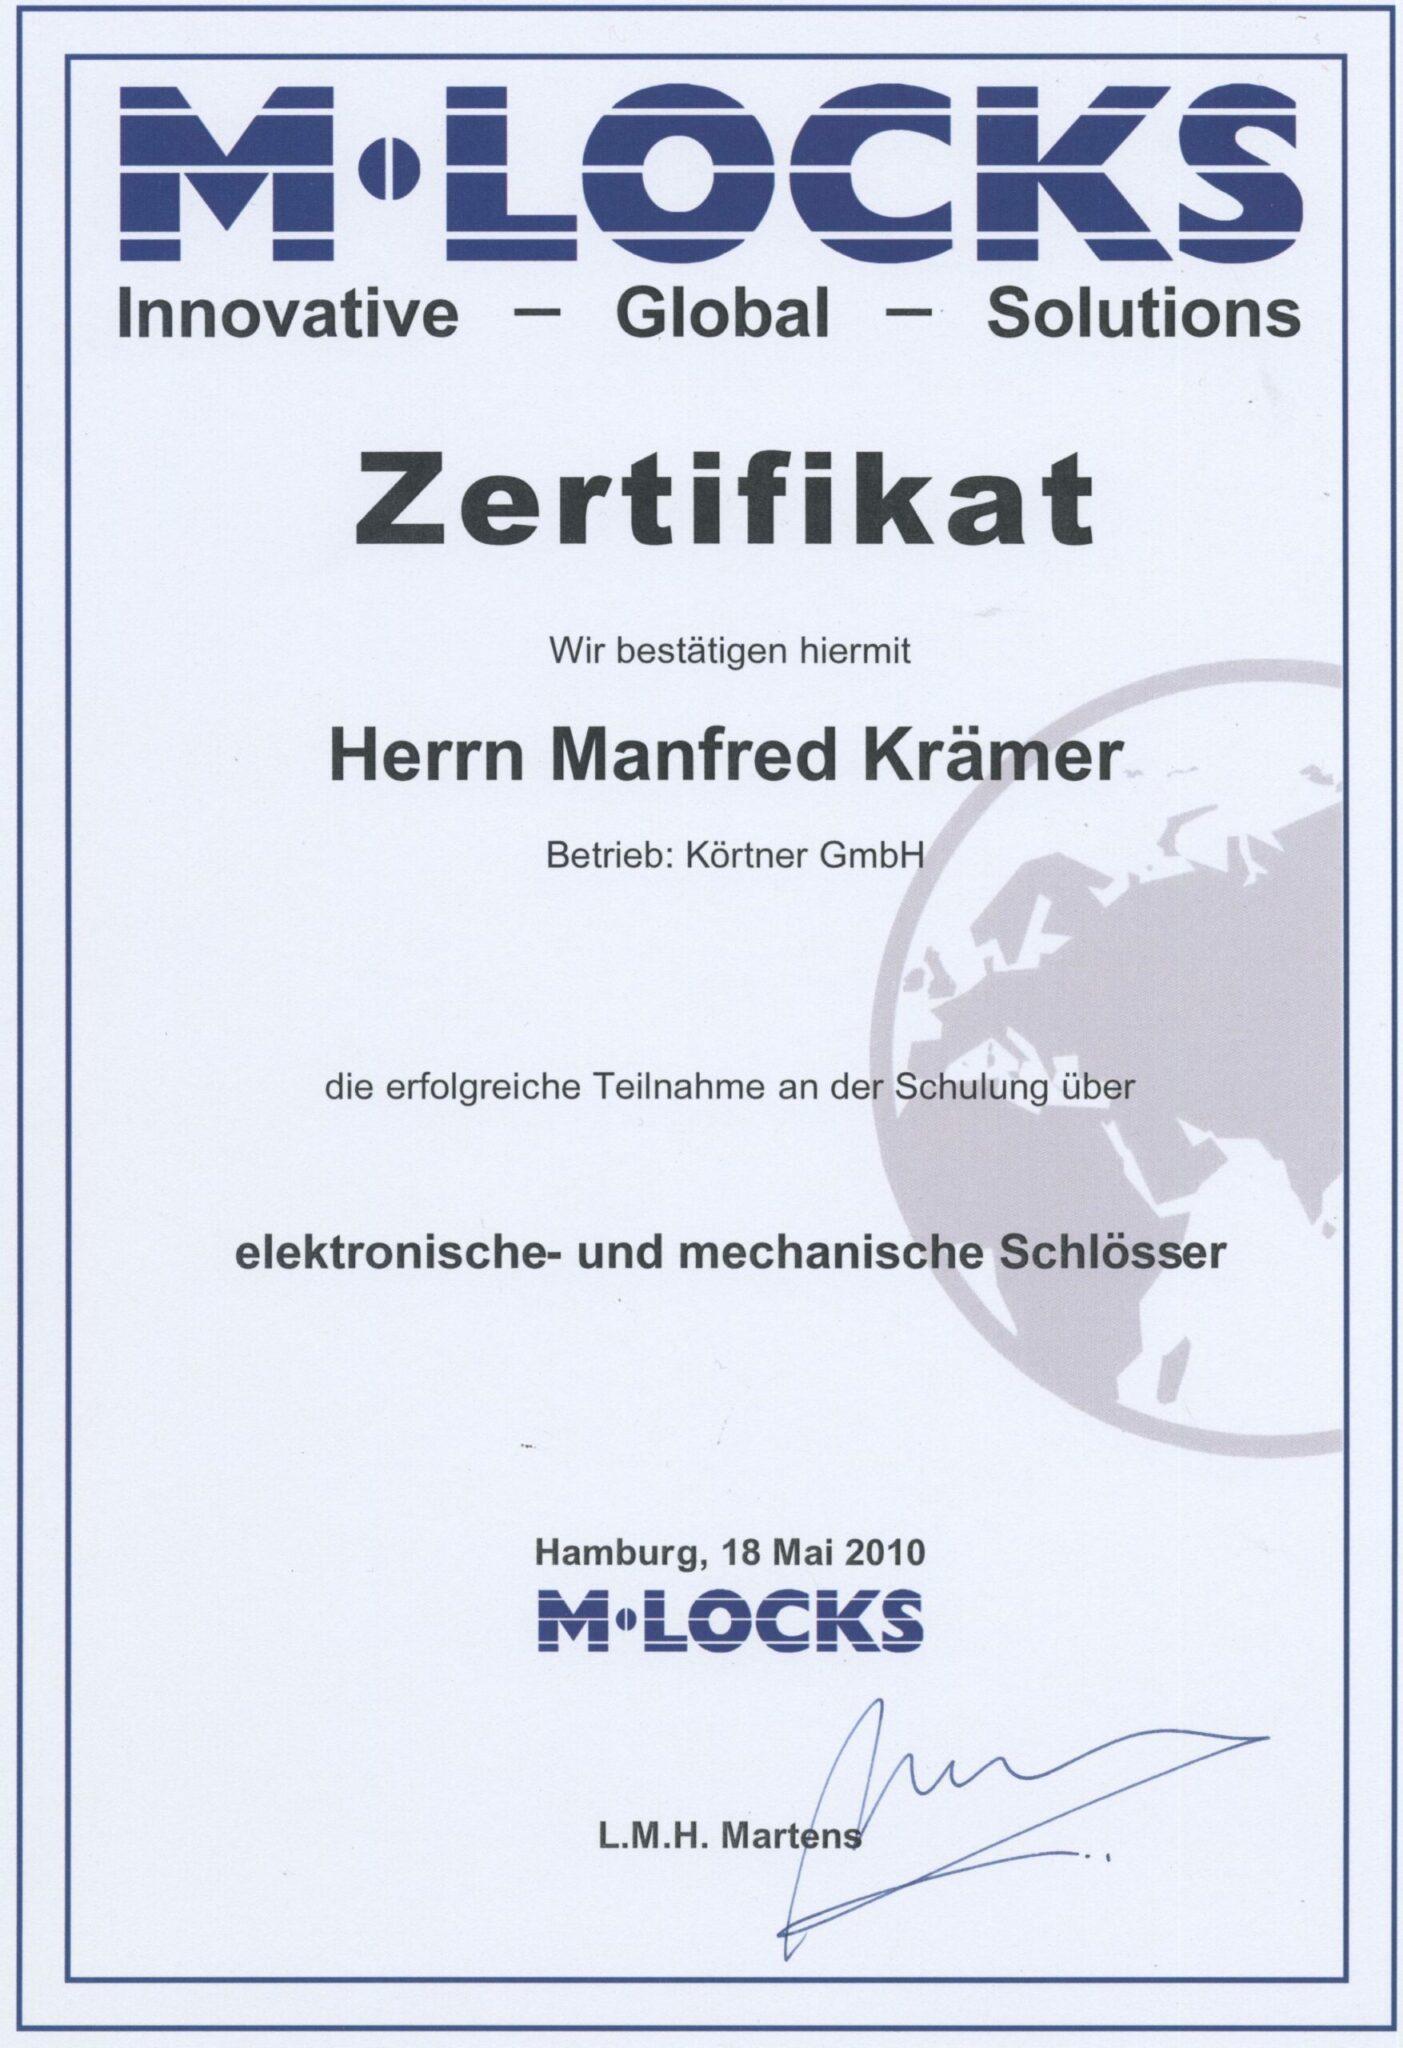 M-Locks Seminar 2010